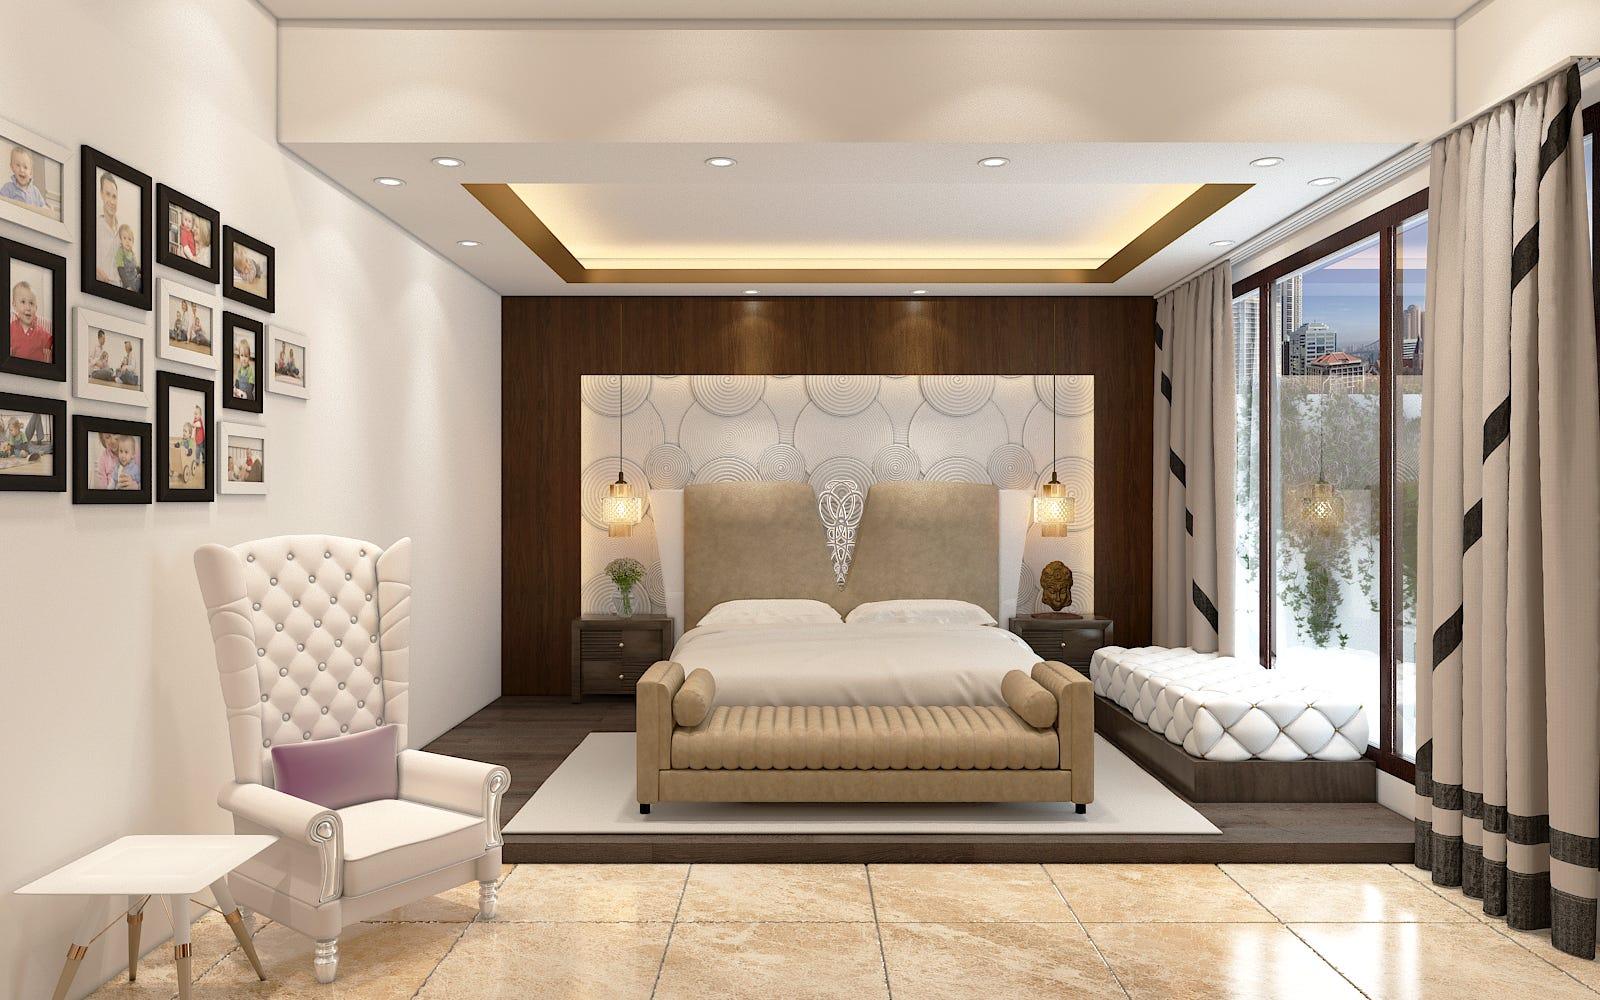 Master Bedroom Vastu Shastra Tips By Yagotimber Com Medium